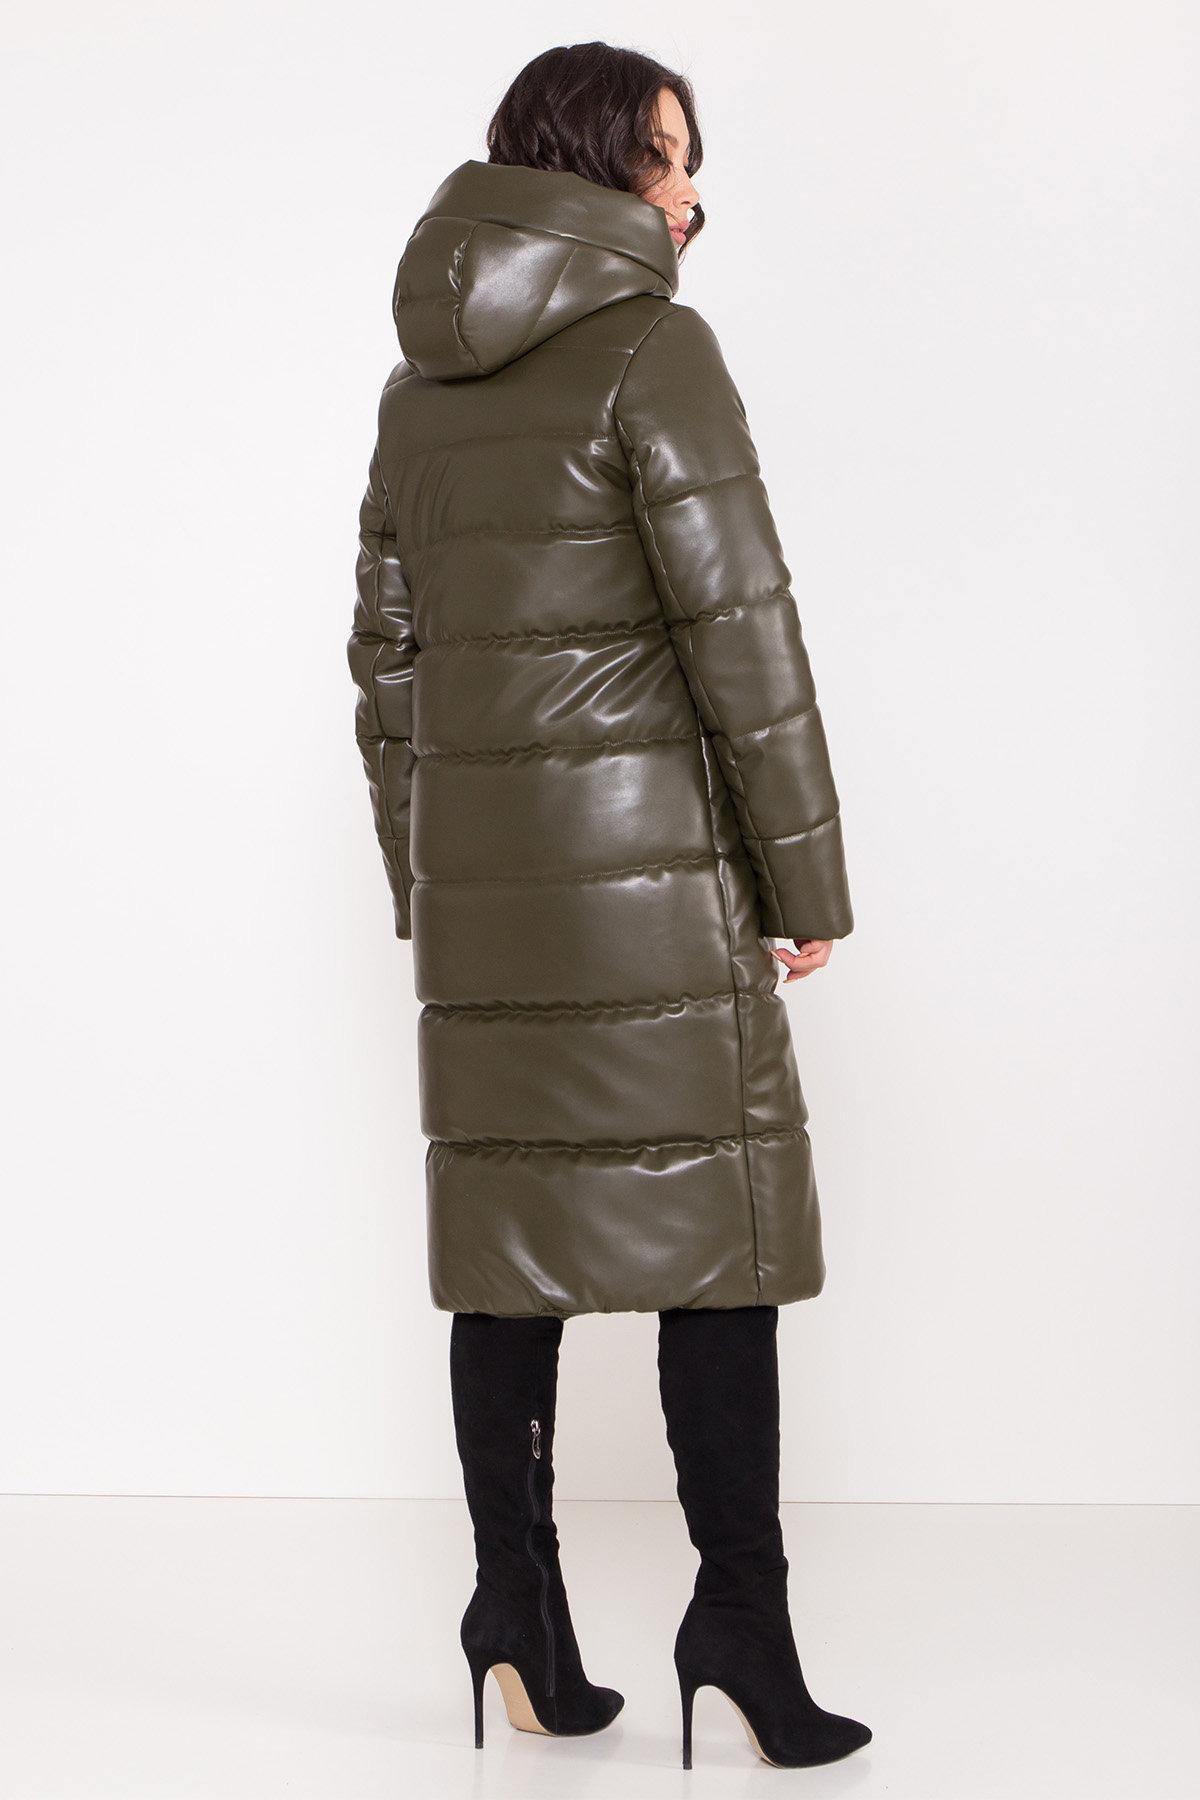 Удлиненный зимний пуховик из экокожи Сигма 8620 АРТ. 44968 Цвет: Хаки - фото 12, интернет магазин tm-modus.ru